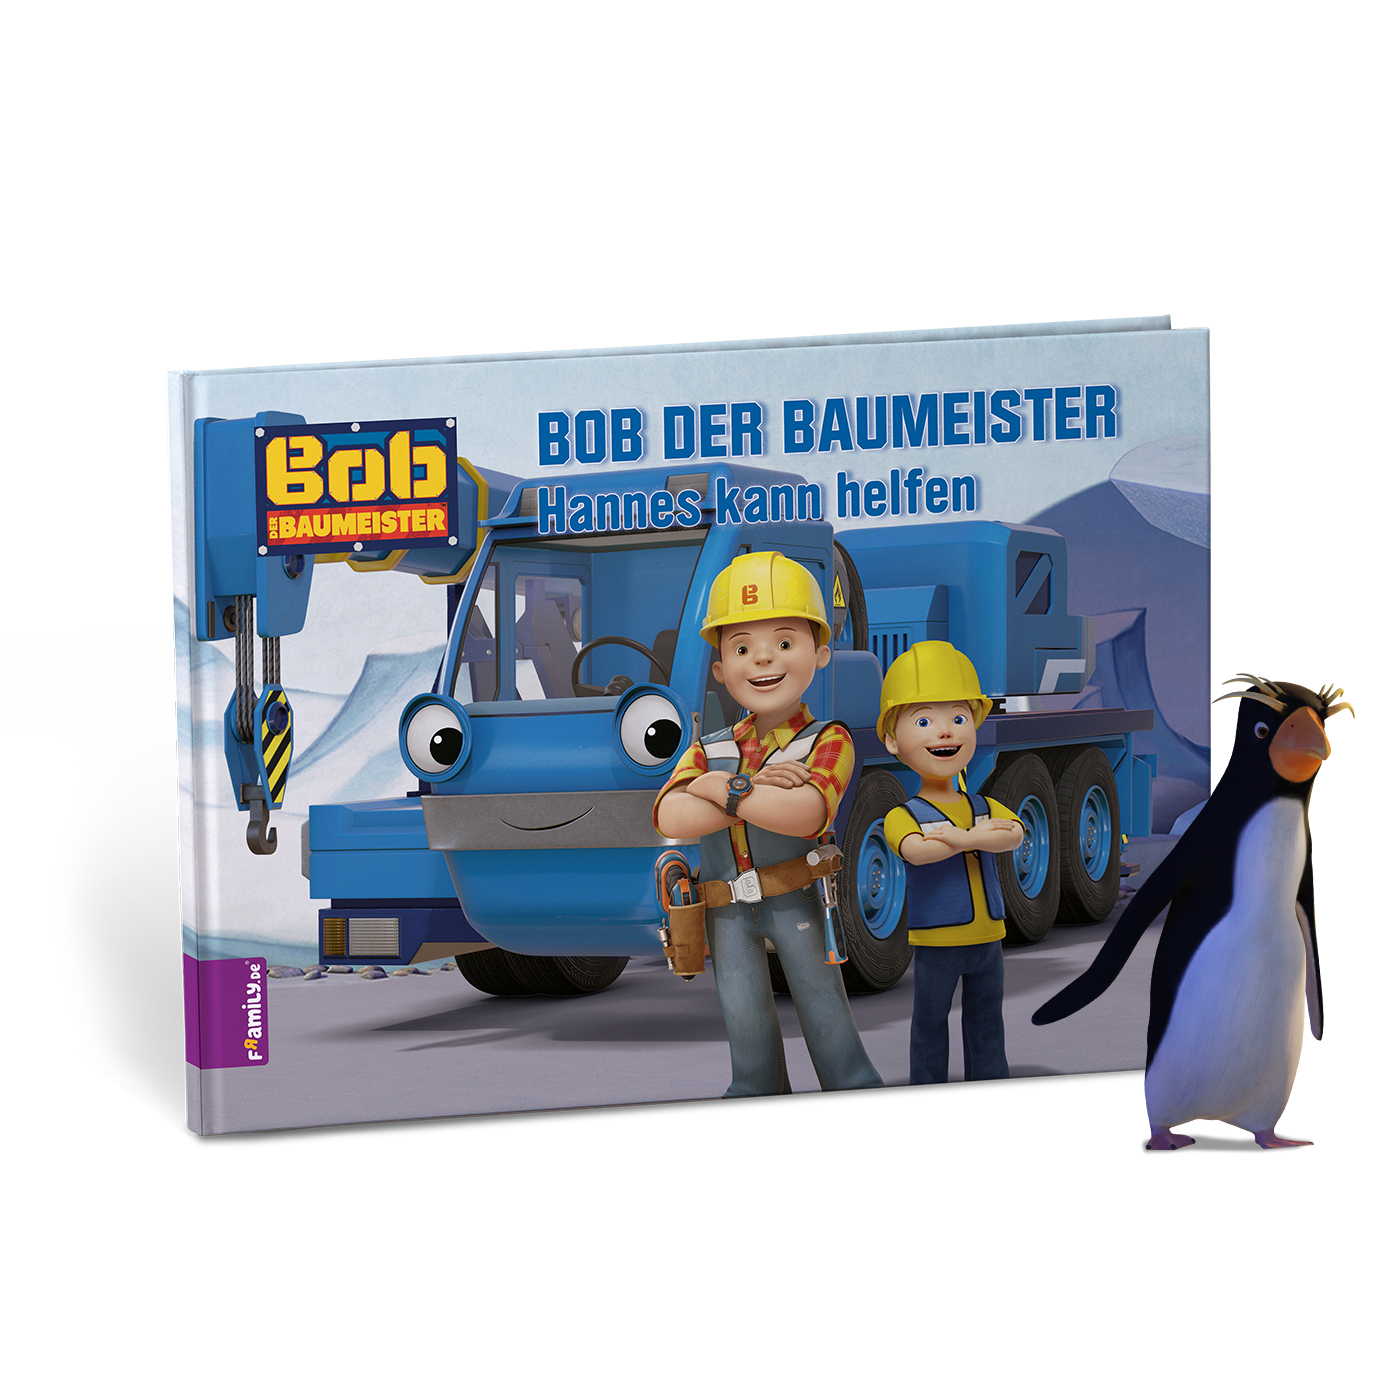 Bob der Baumeister - personalisierte Kinderbuecher